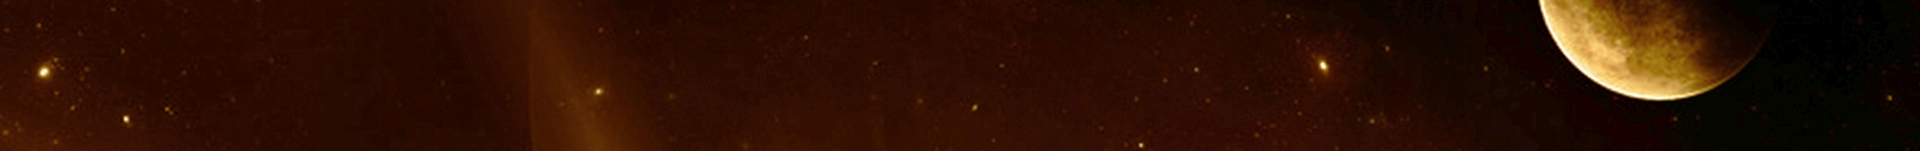 Starshine 1.jpg